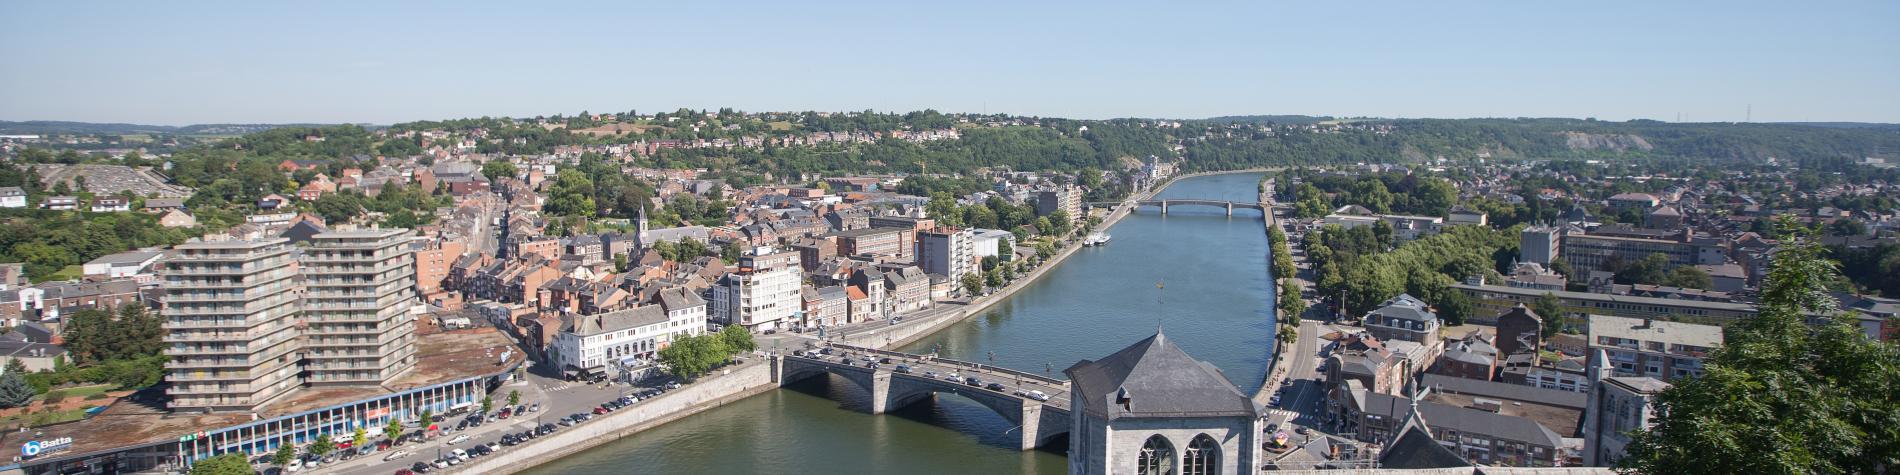 Huy vue du ciel. Photo panoramique qui montre en avant plan le Fort de Huy et le pont Roi Baudoin traversant la Meuse.